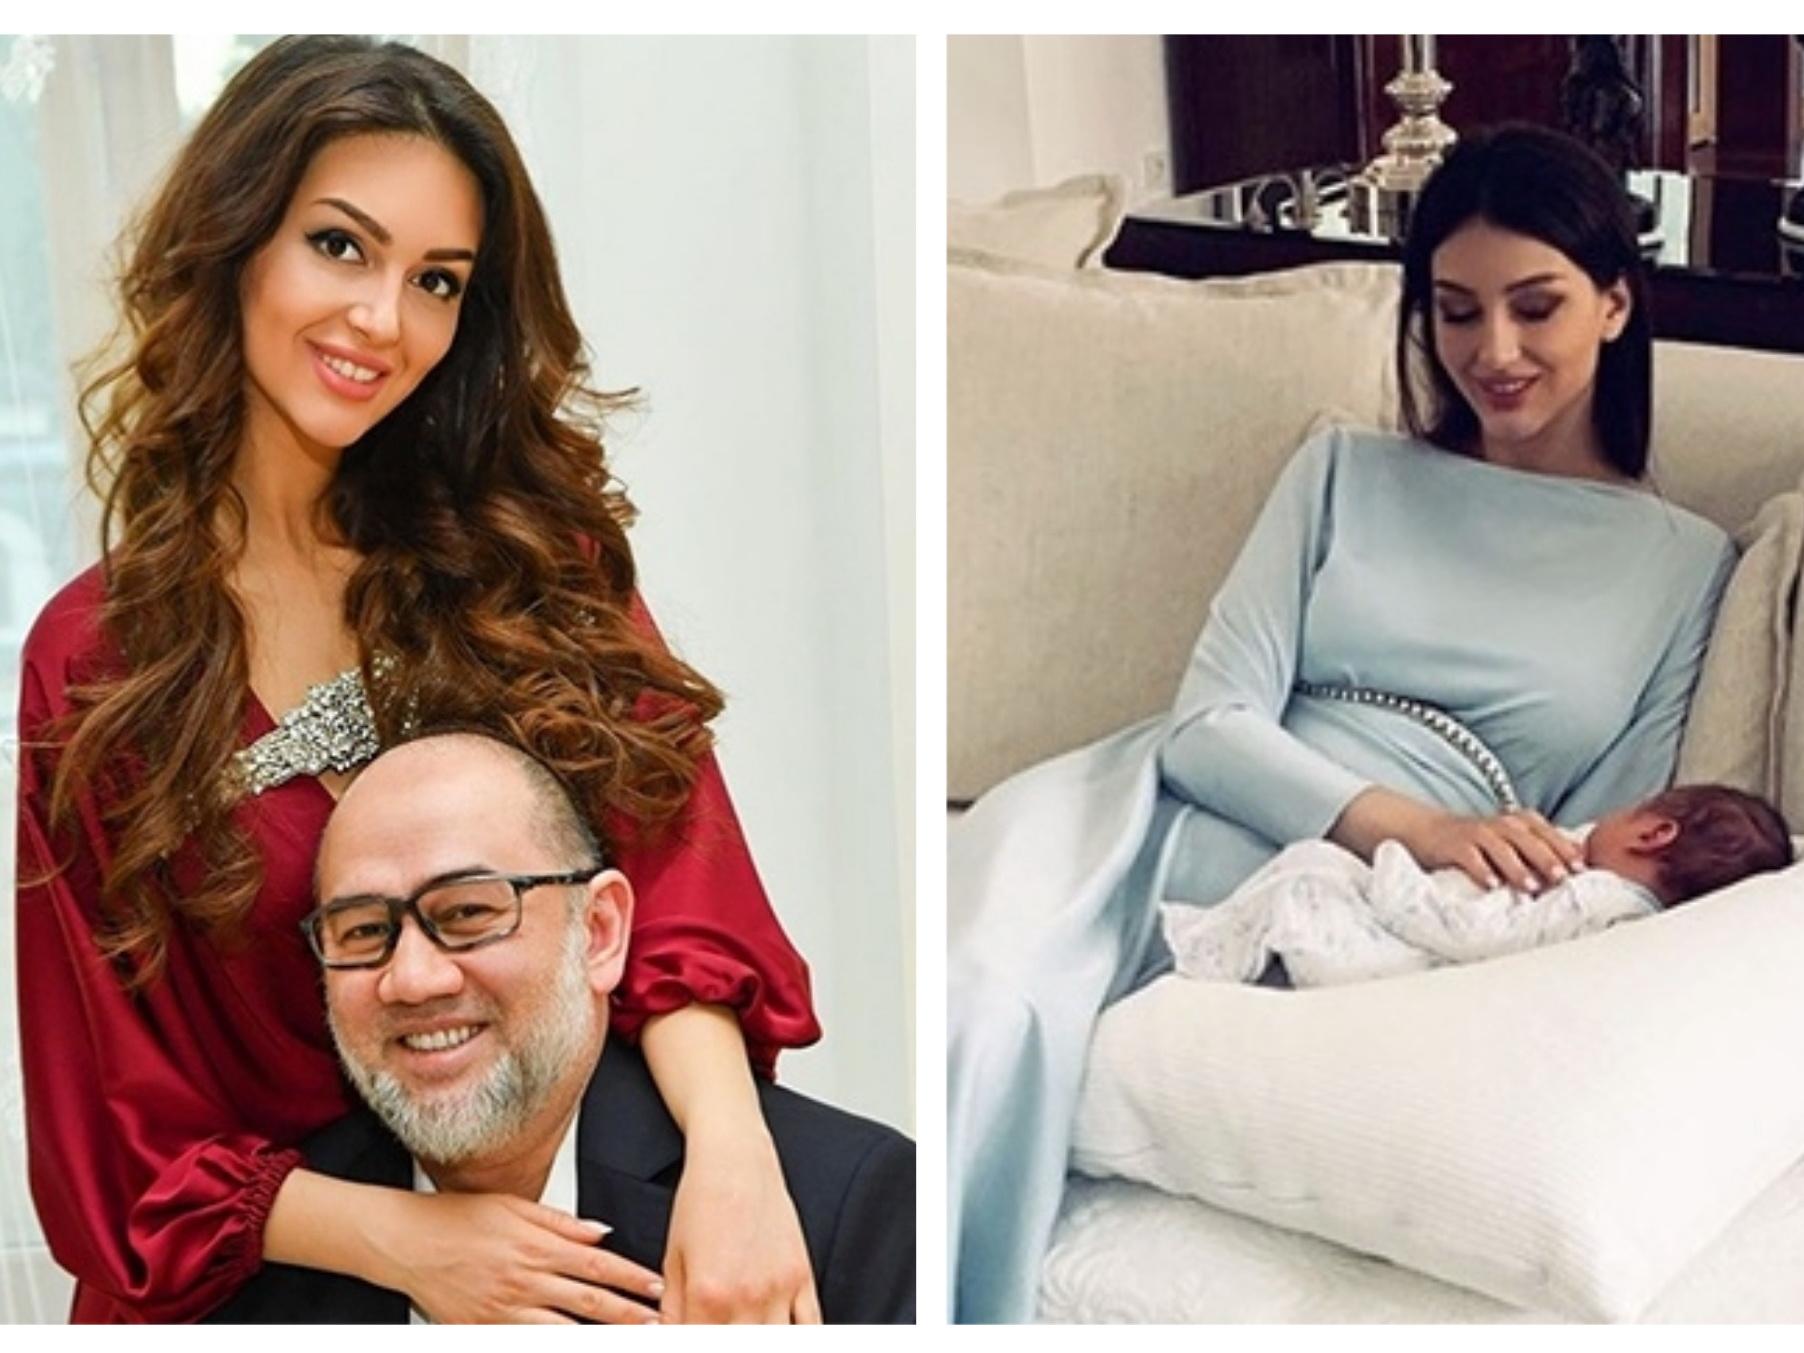 СМИ: Бывший король Малайзии развелся с «Мисс Москва-2015» спустя 2 месяца после рождения сына - ФОТО